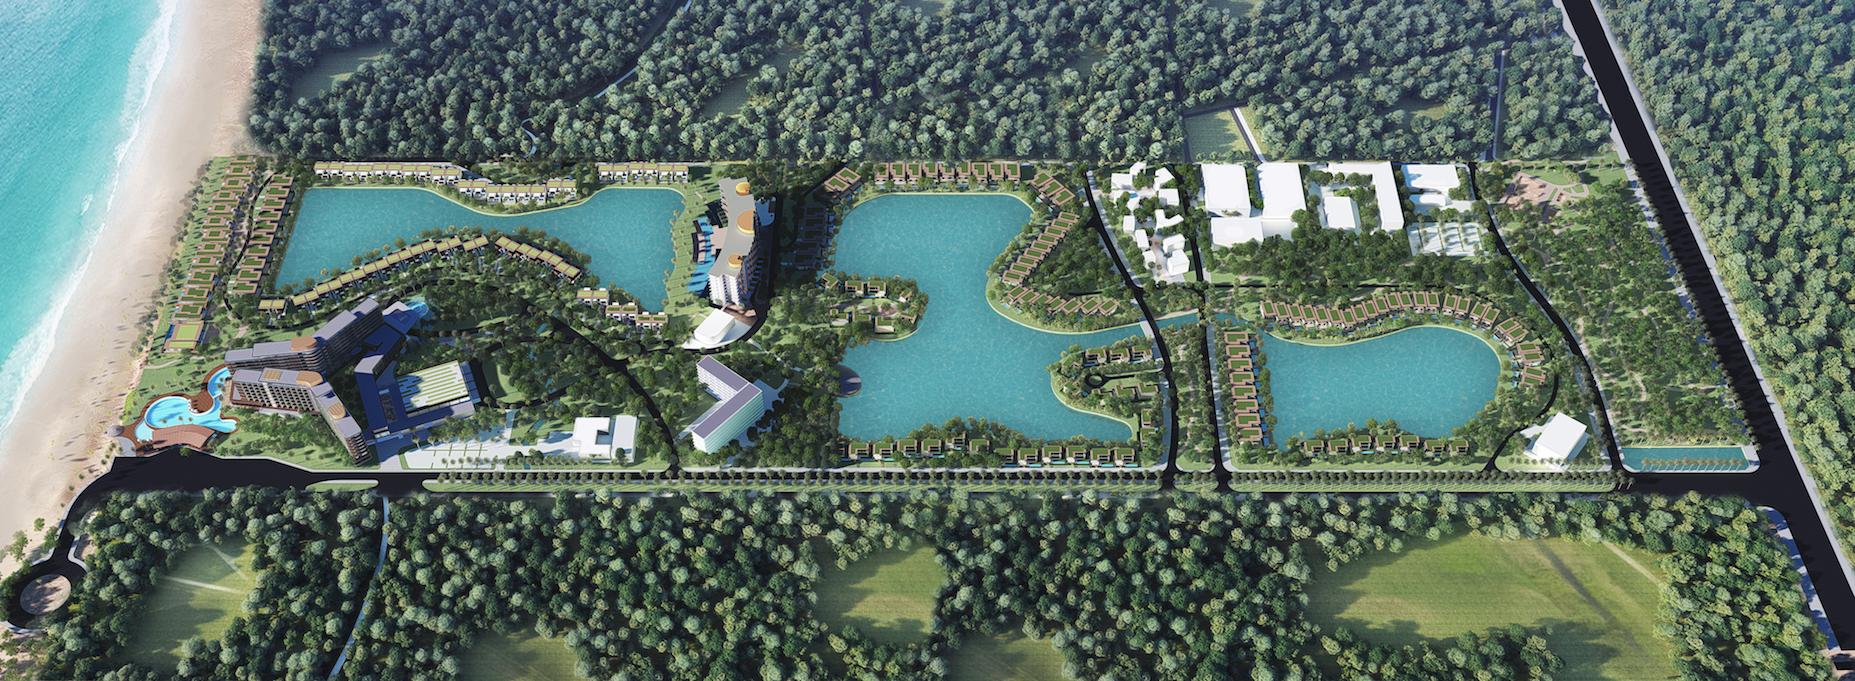 Movenpick Resort Waverly Phú Quốc - Phối Cảnh Mặt Bằng Dự Án